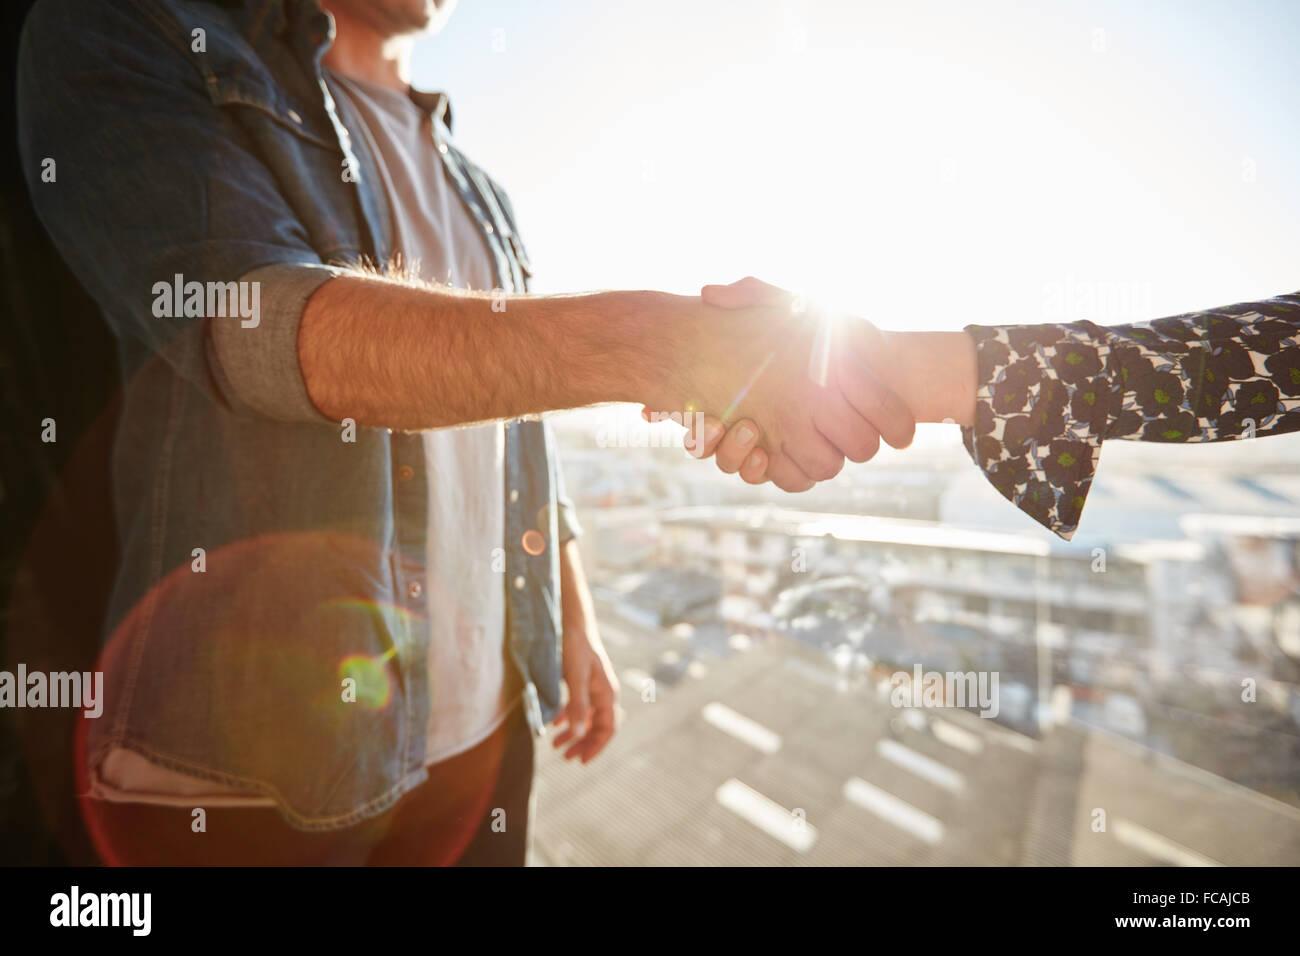 Nahaufnahme von Händeschütteln von Mann und Frau mit Objektiv flare. Handshake an einem sonnigen Tag im Stockbild